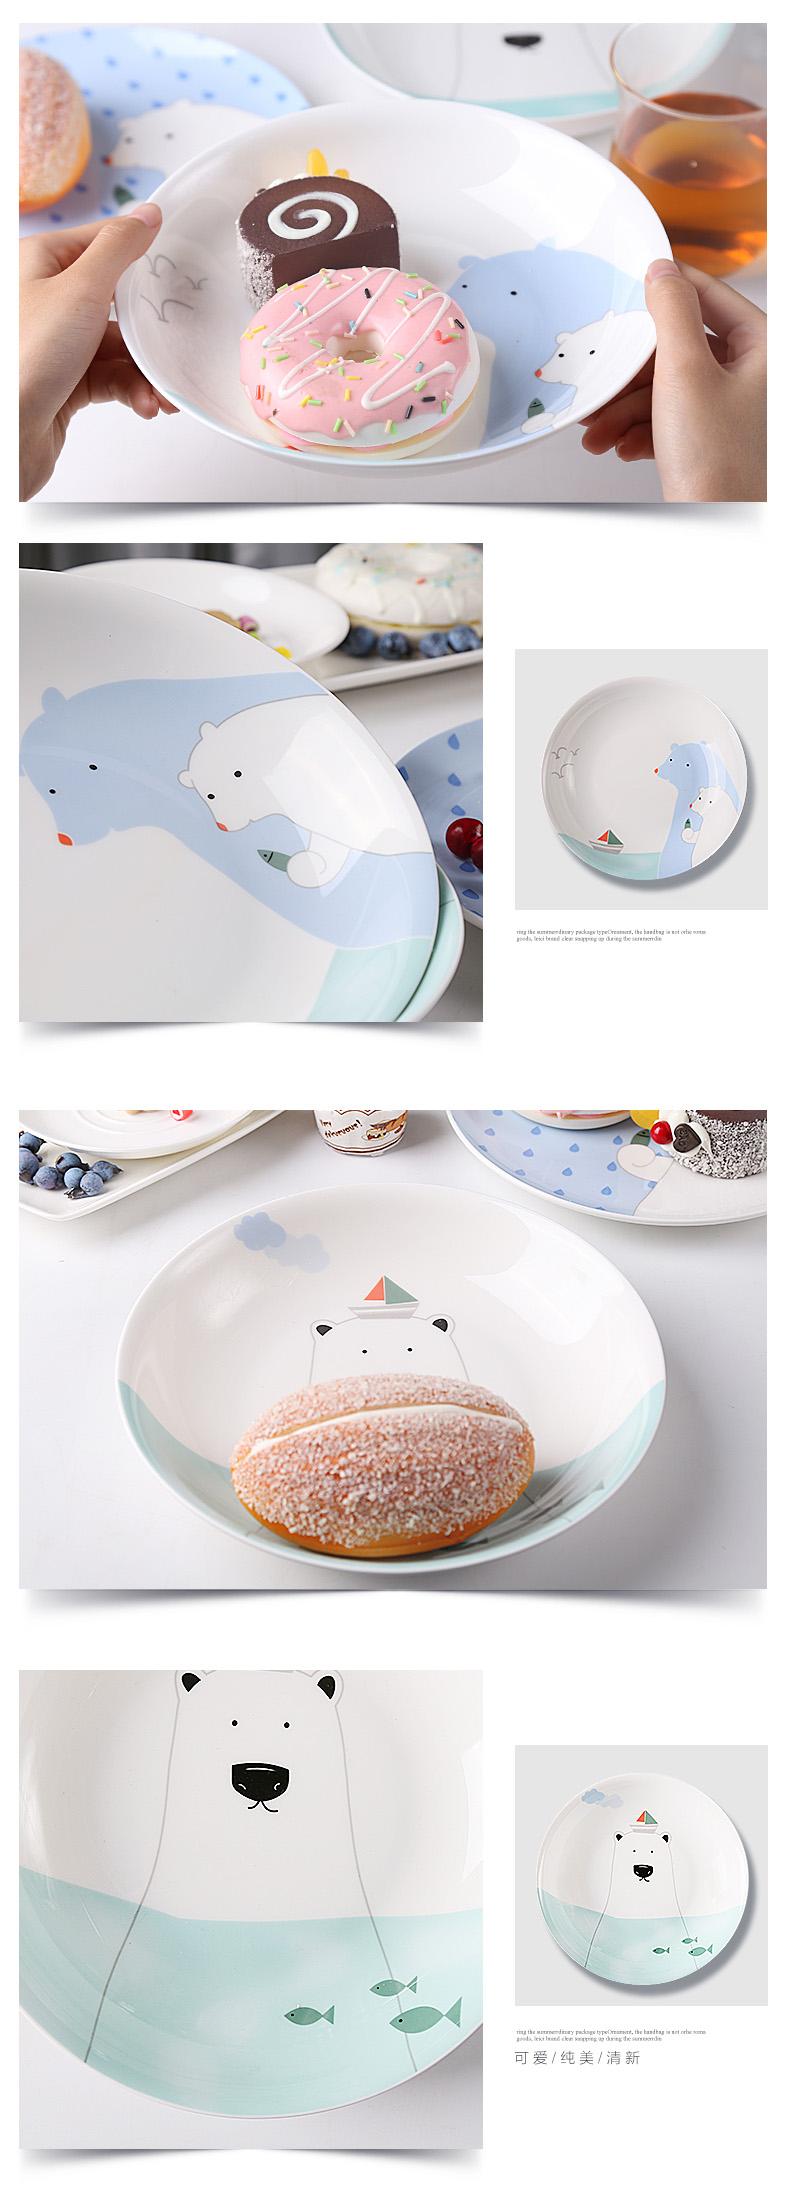 北极熊万博manbetx地址餐盘细节